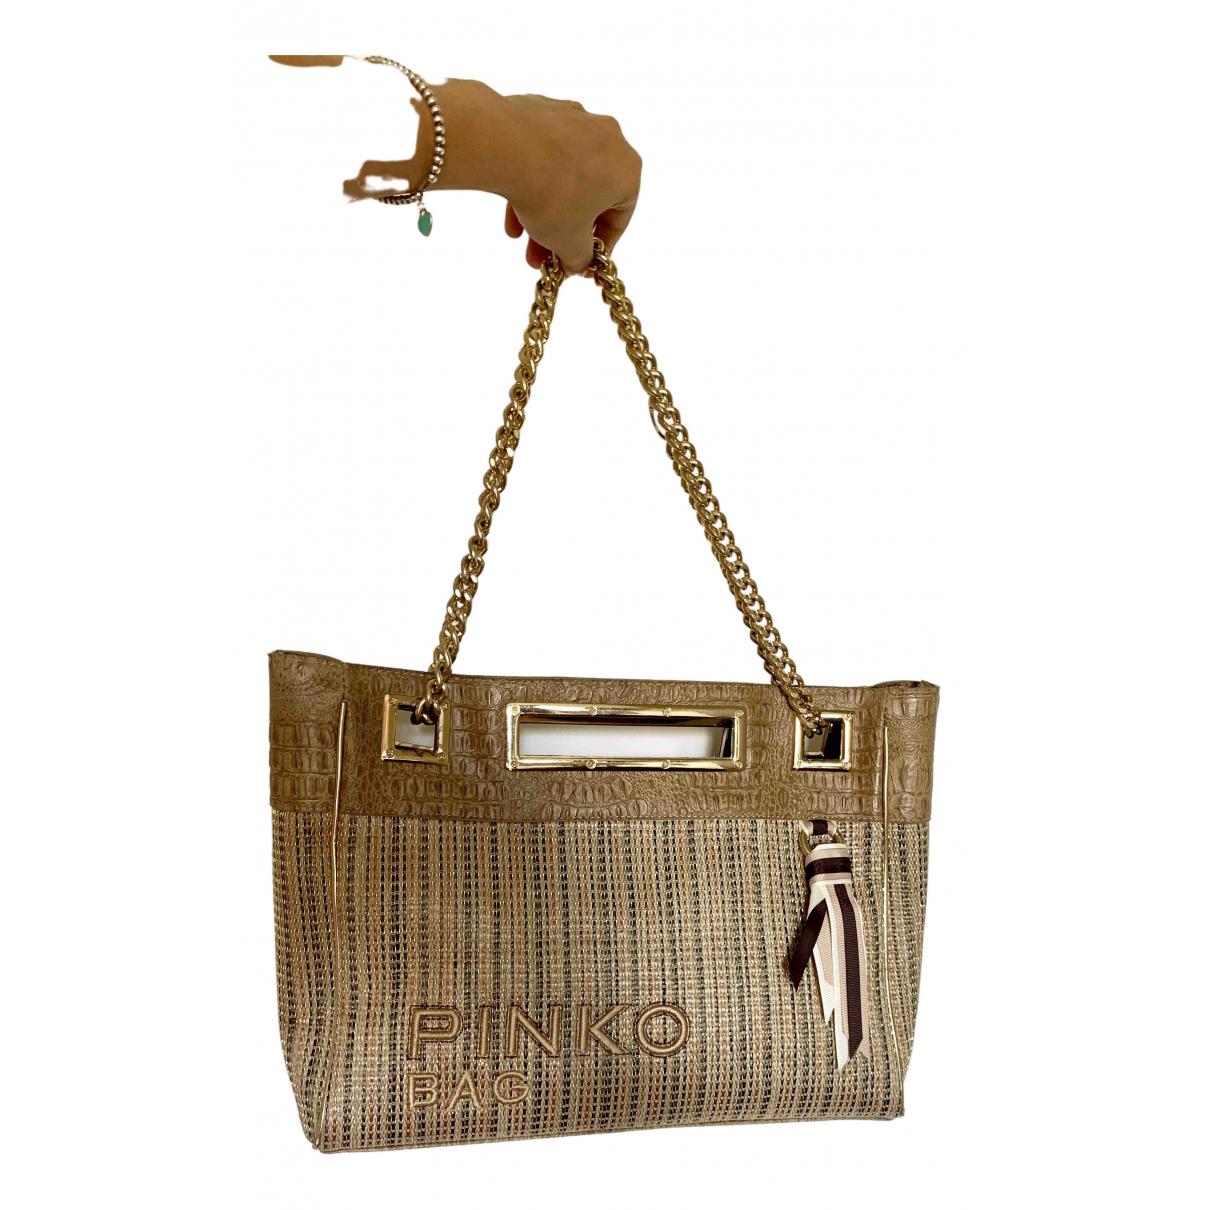 Pinko \N Gold handbag for Women \N